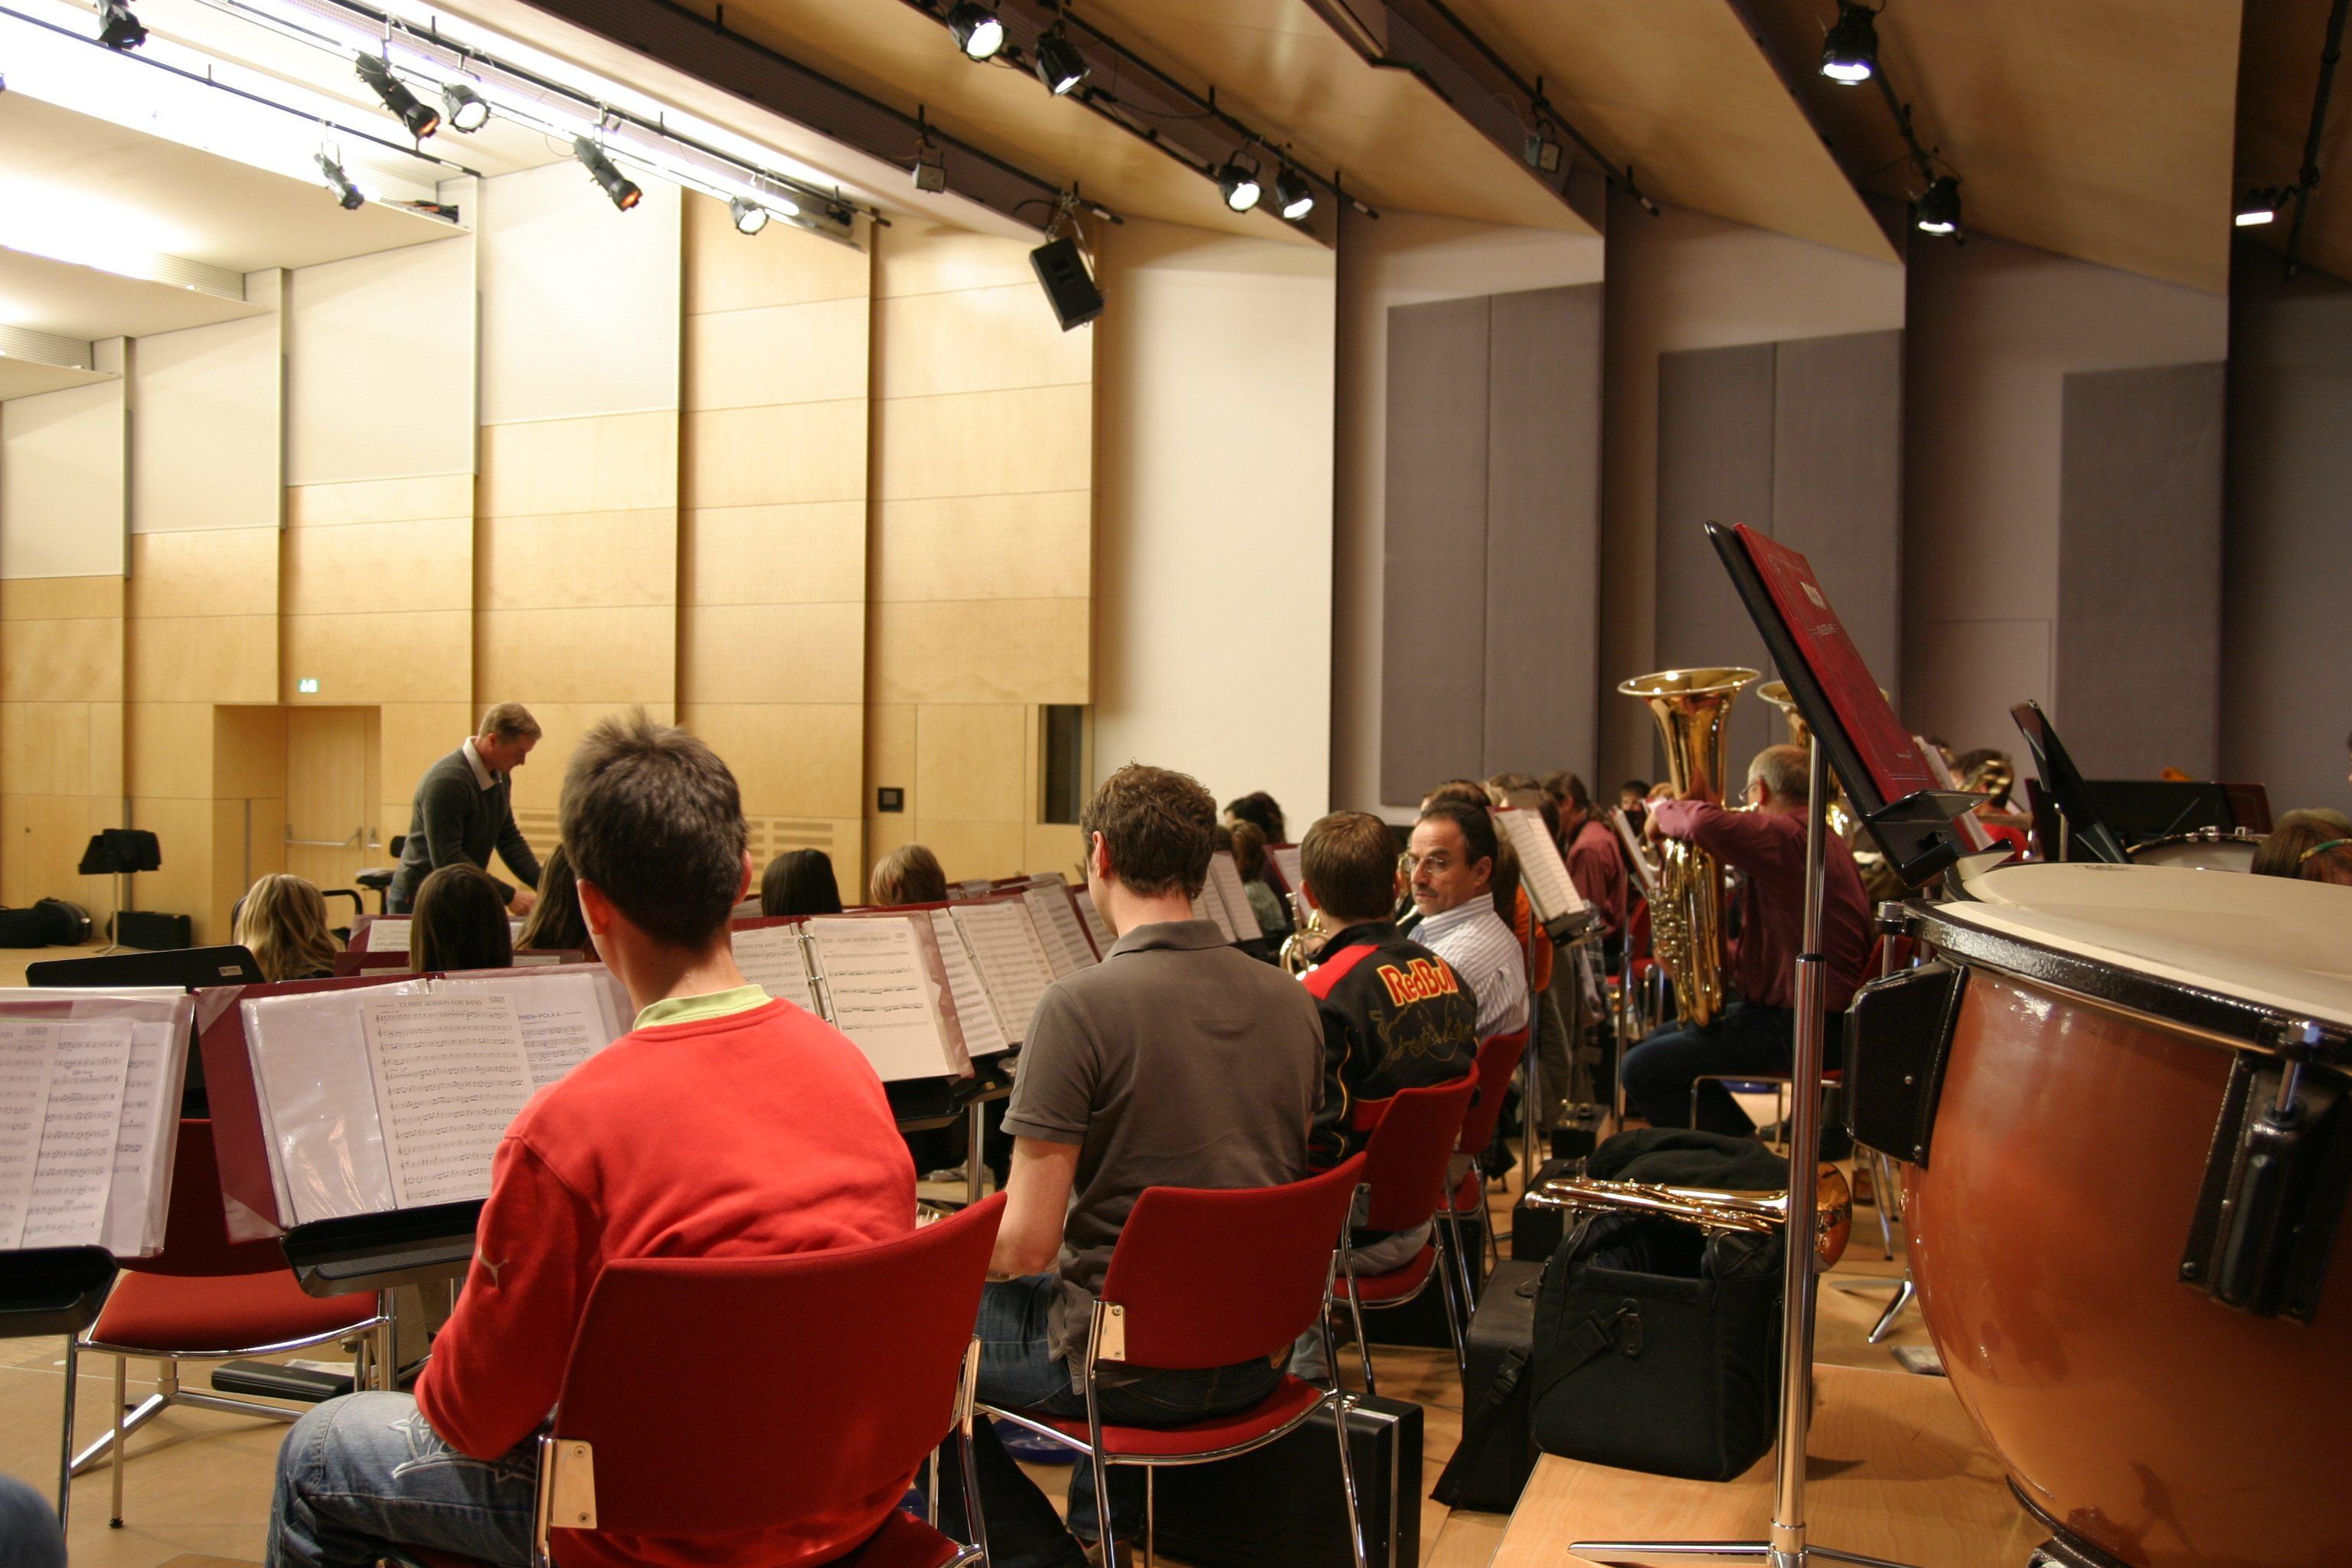 Sie sehen den Konzertsaal des Musikzentrums Knappenberg. JUFA Hotels bietet den idealen Platz zum Musizieren und Singen in der Gemeinschaft in abwechslungsreichen Regionen.